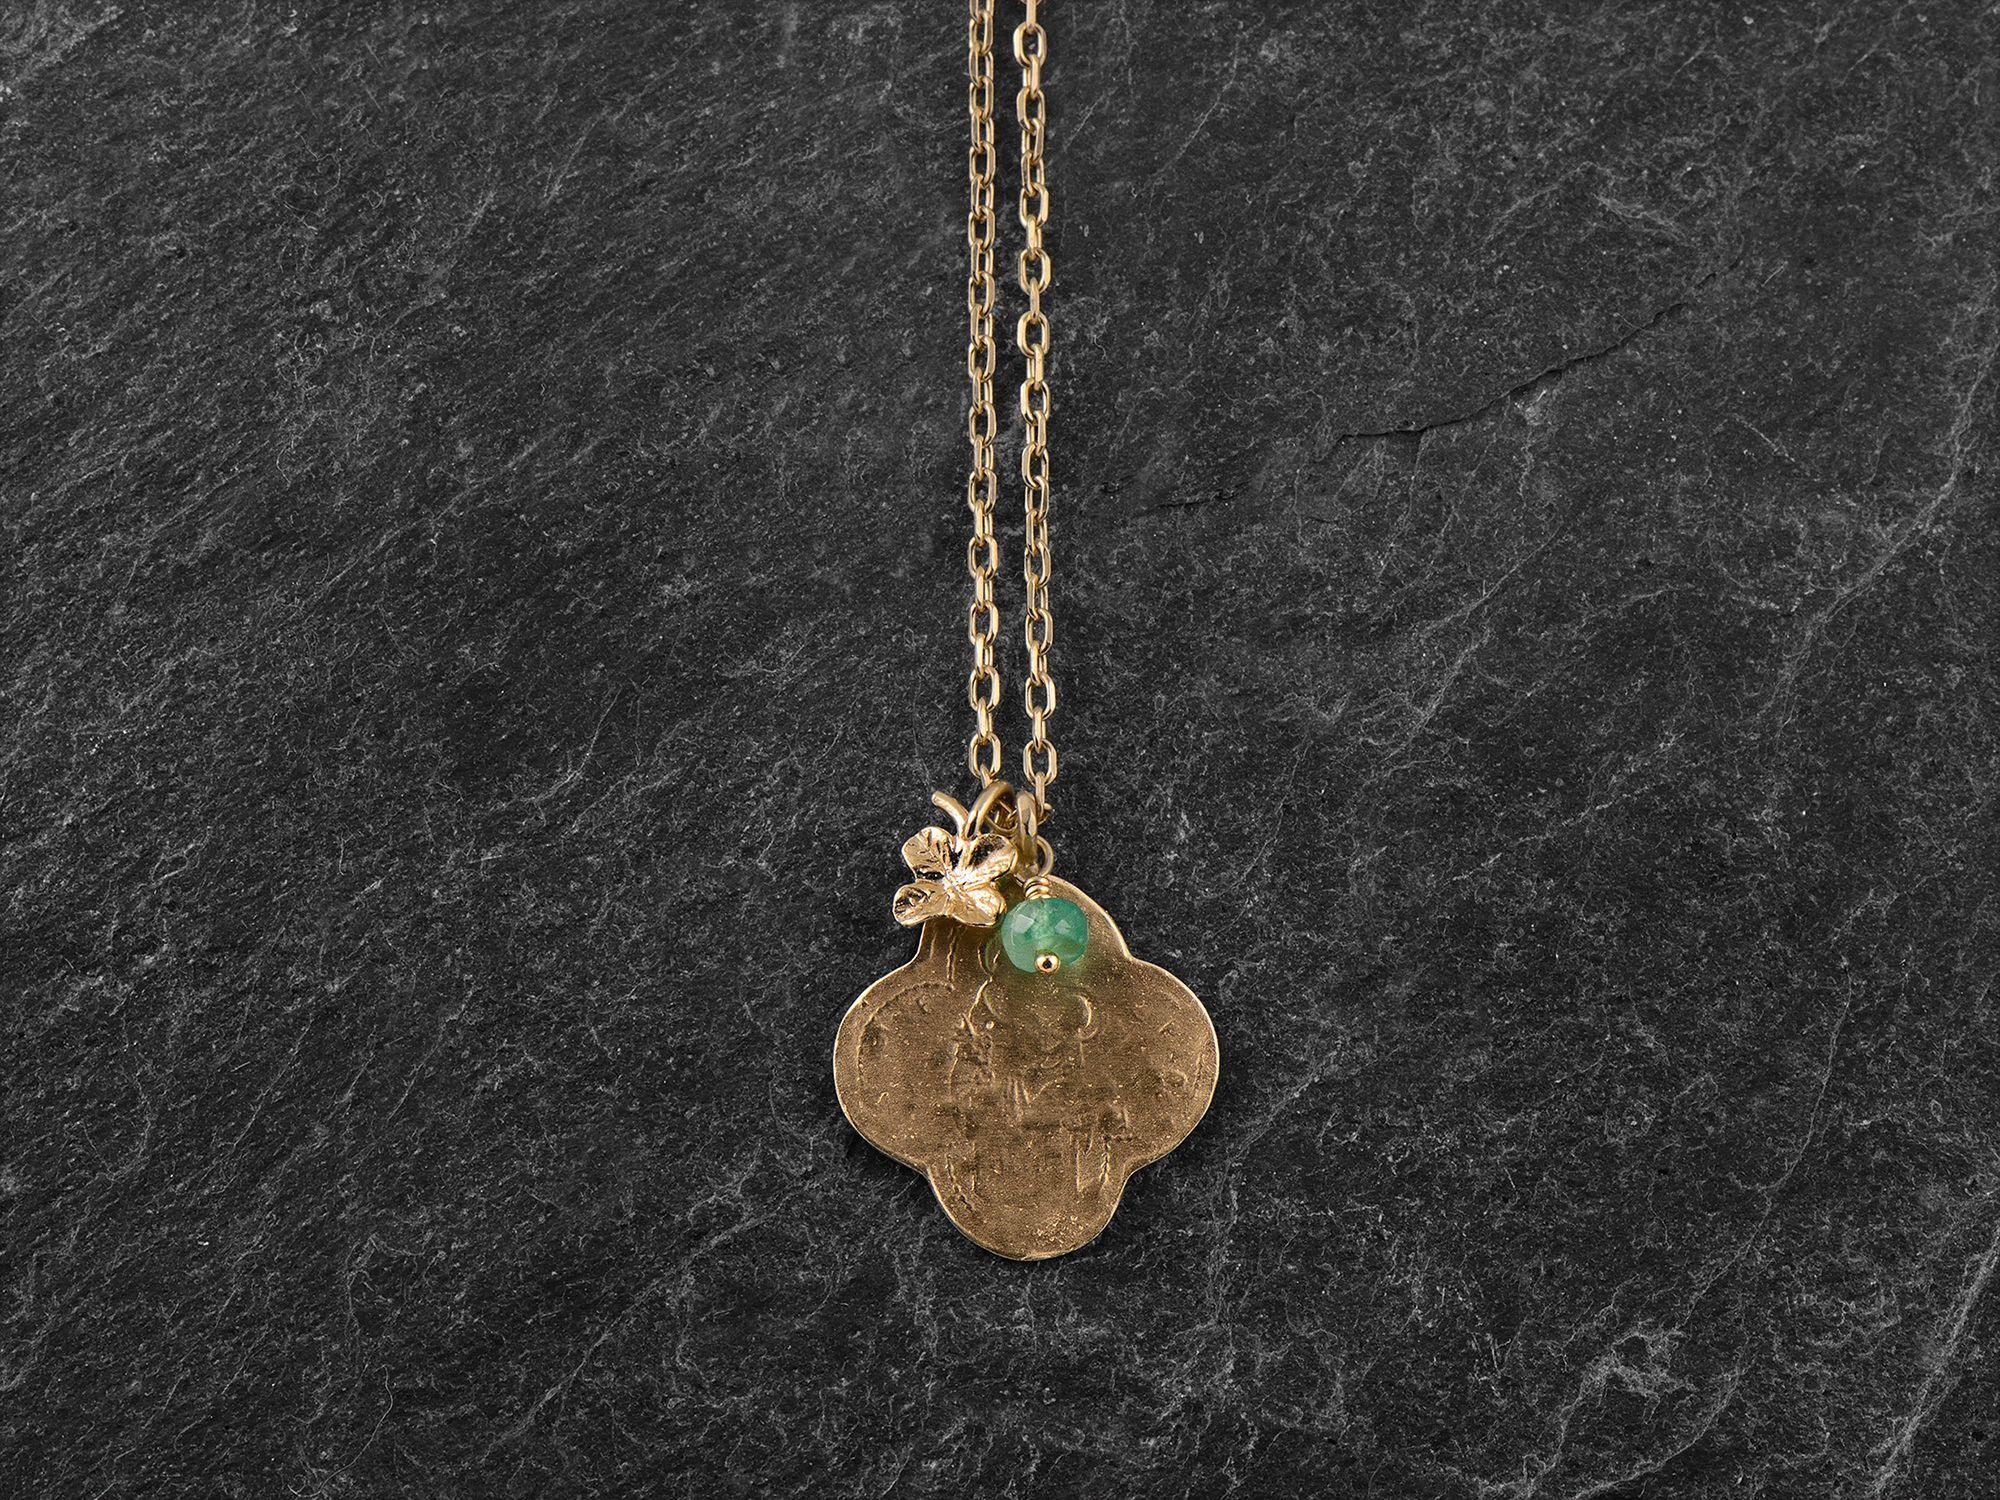 Saint Antoine vermeil necklace by Emmanuelle Zysman